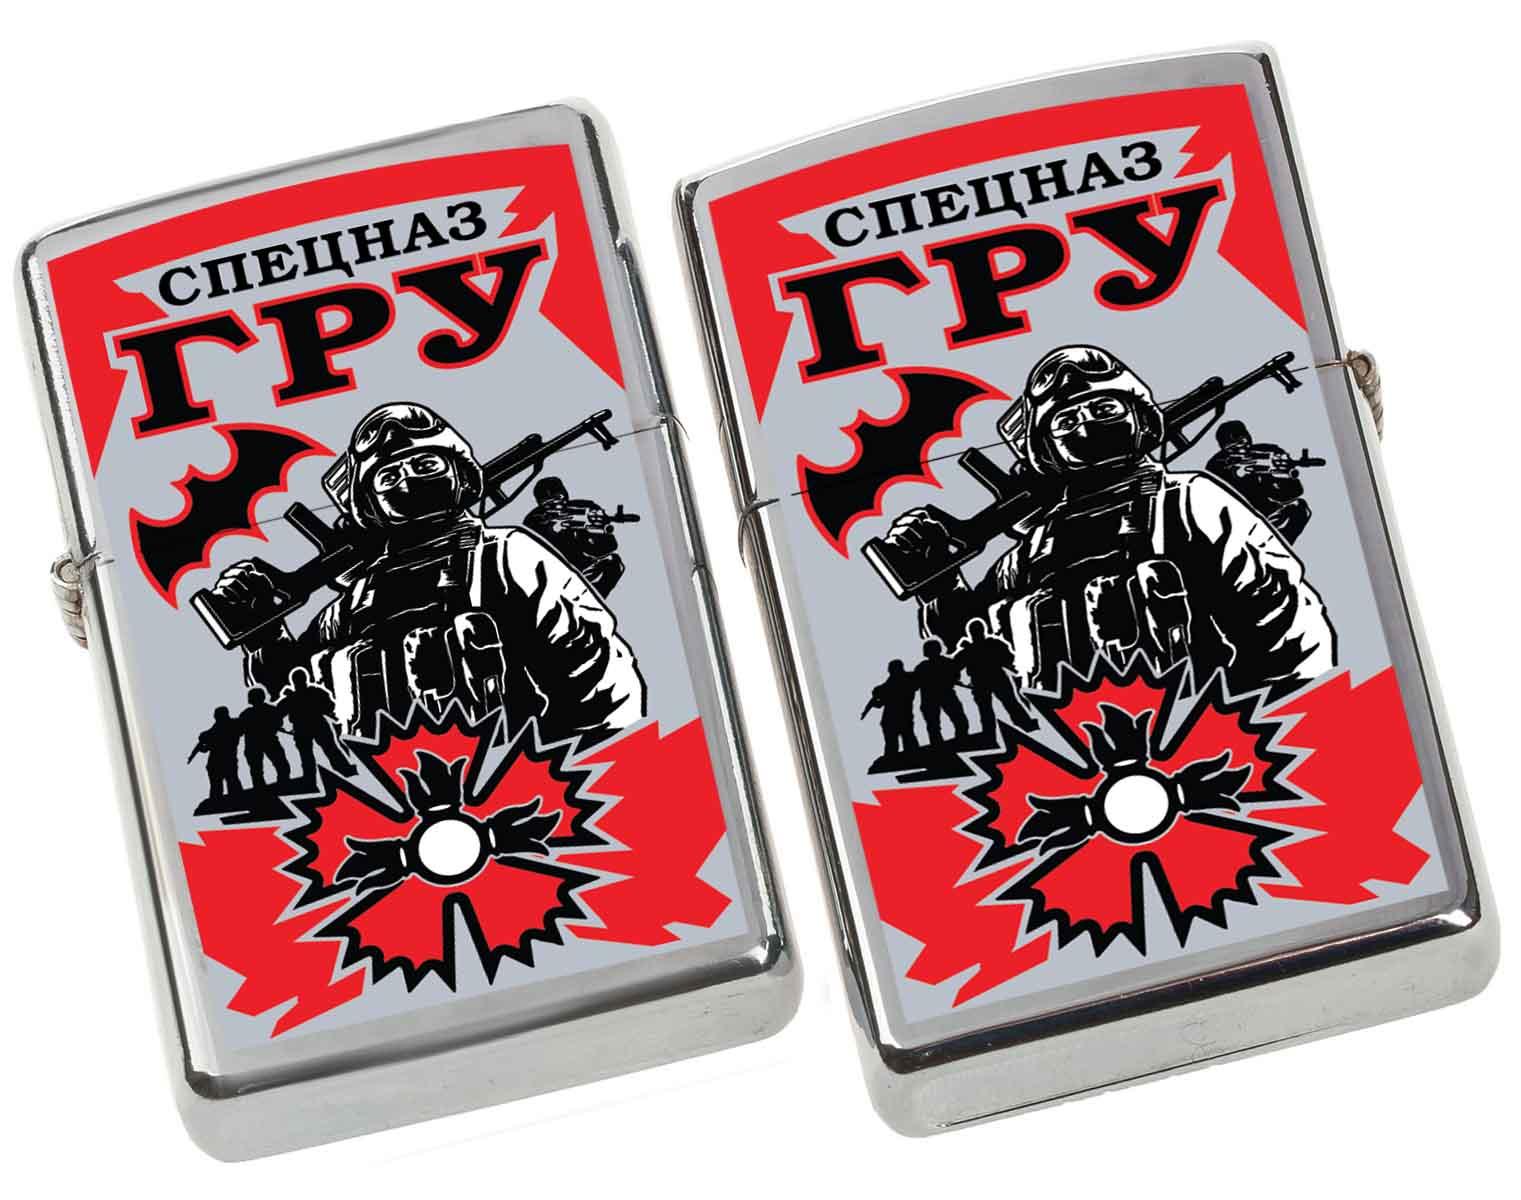 Бензиновая зажигалка Спецназ ГРУ - купить выгодно